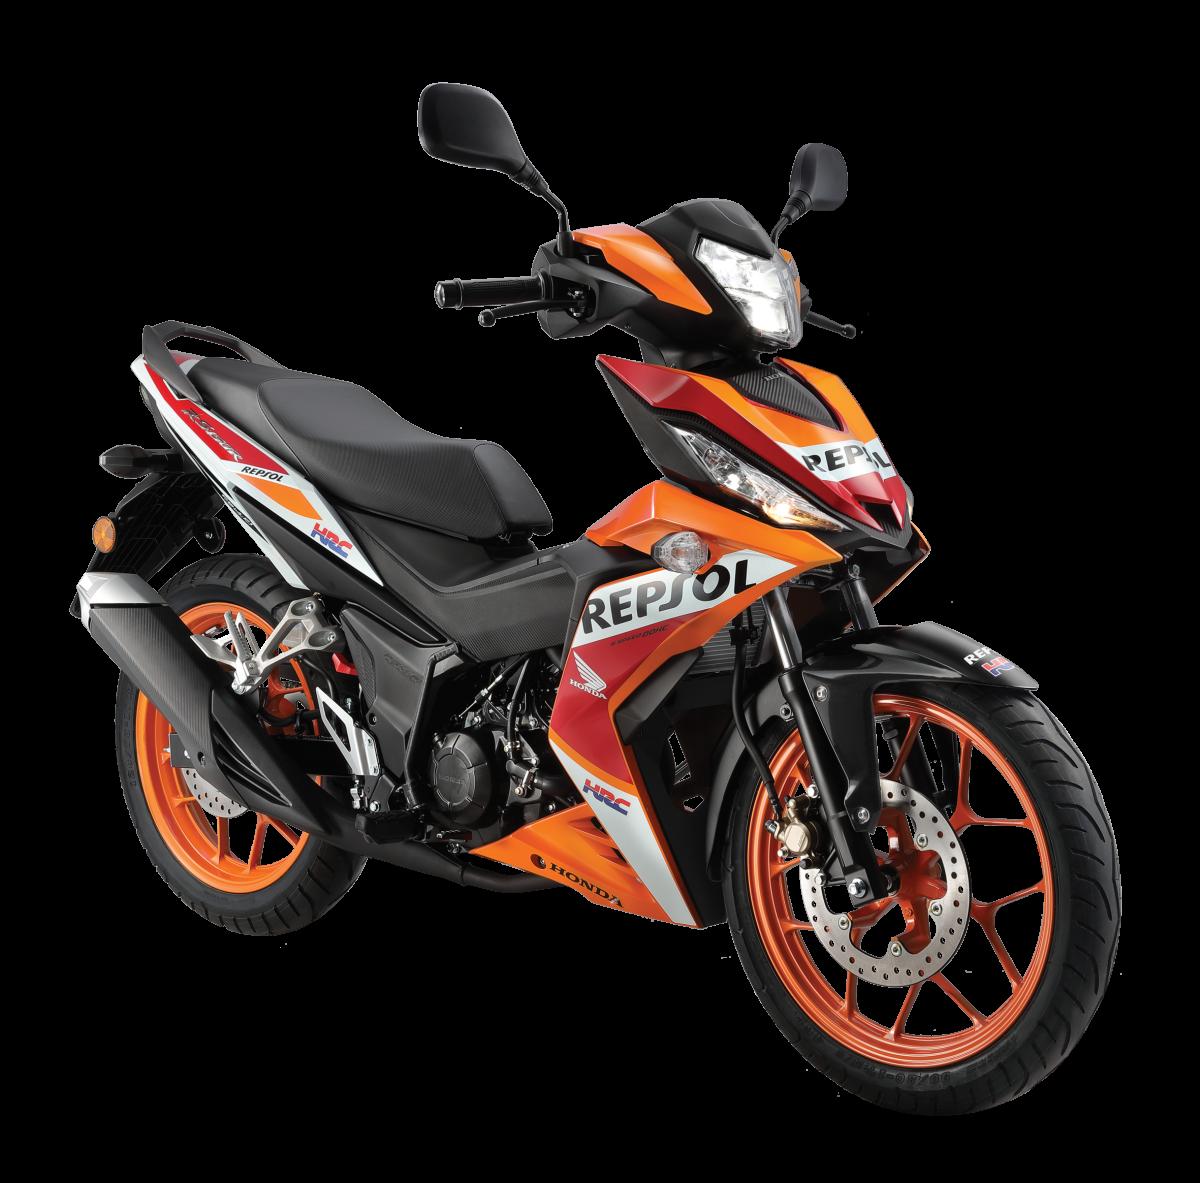 Honda-Winner-150-2018-them-mau-moi-anh-4